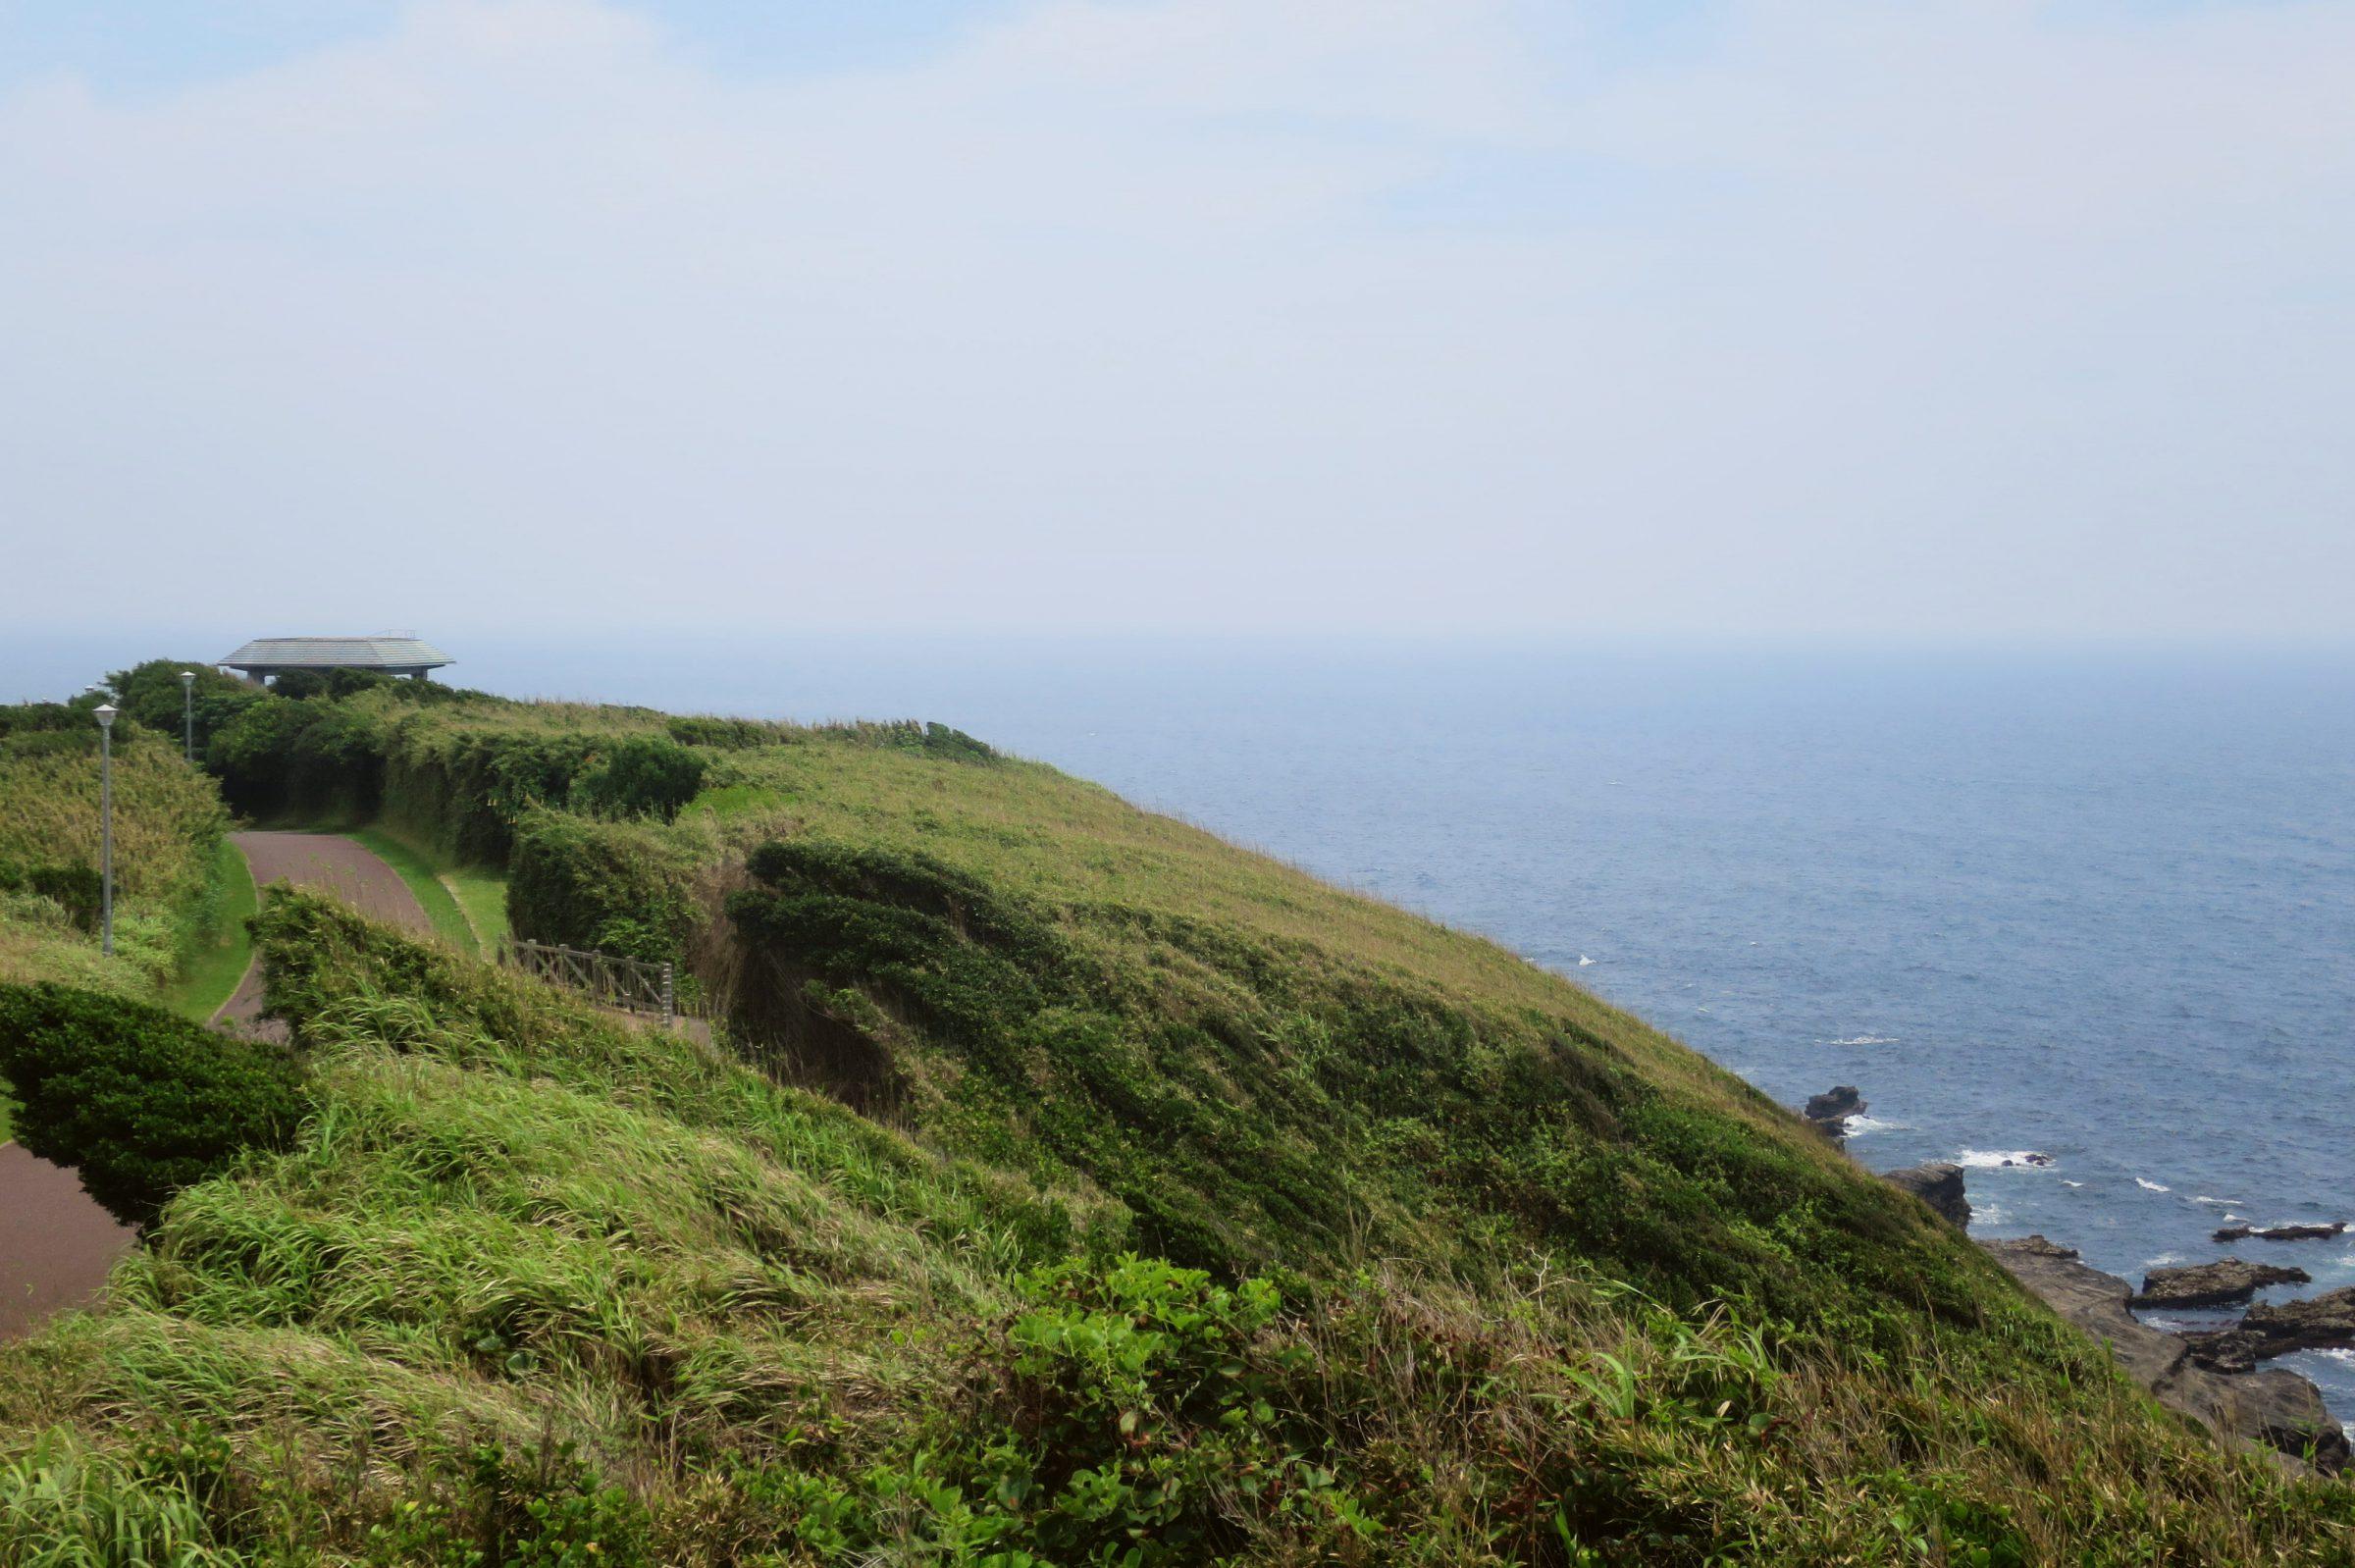 城之島景點一日遊:三崎口、安房埼燈塔、馬の背洞門、新鮮海鮮丼